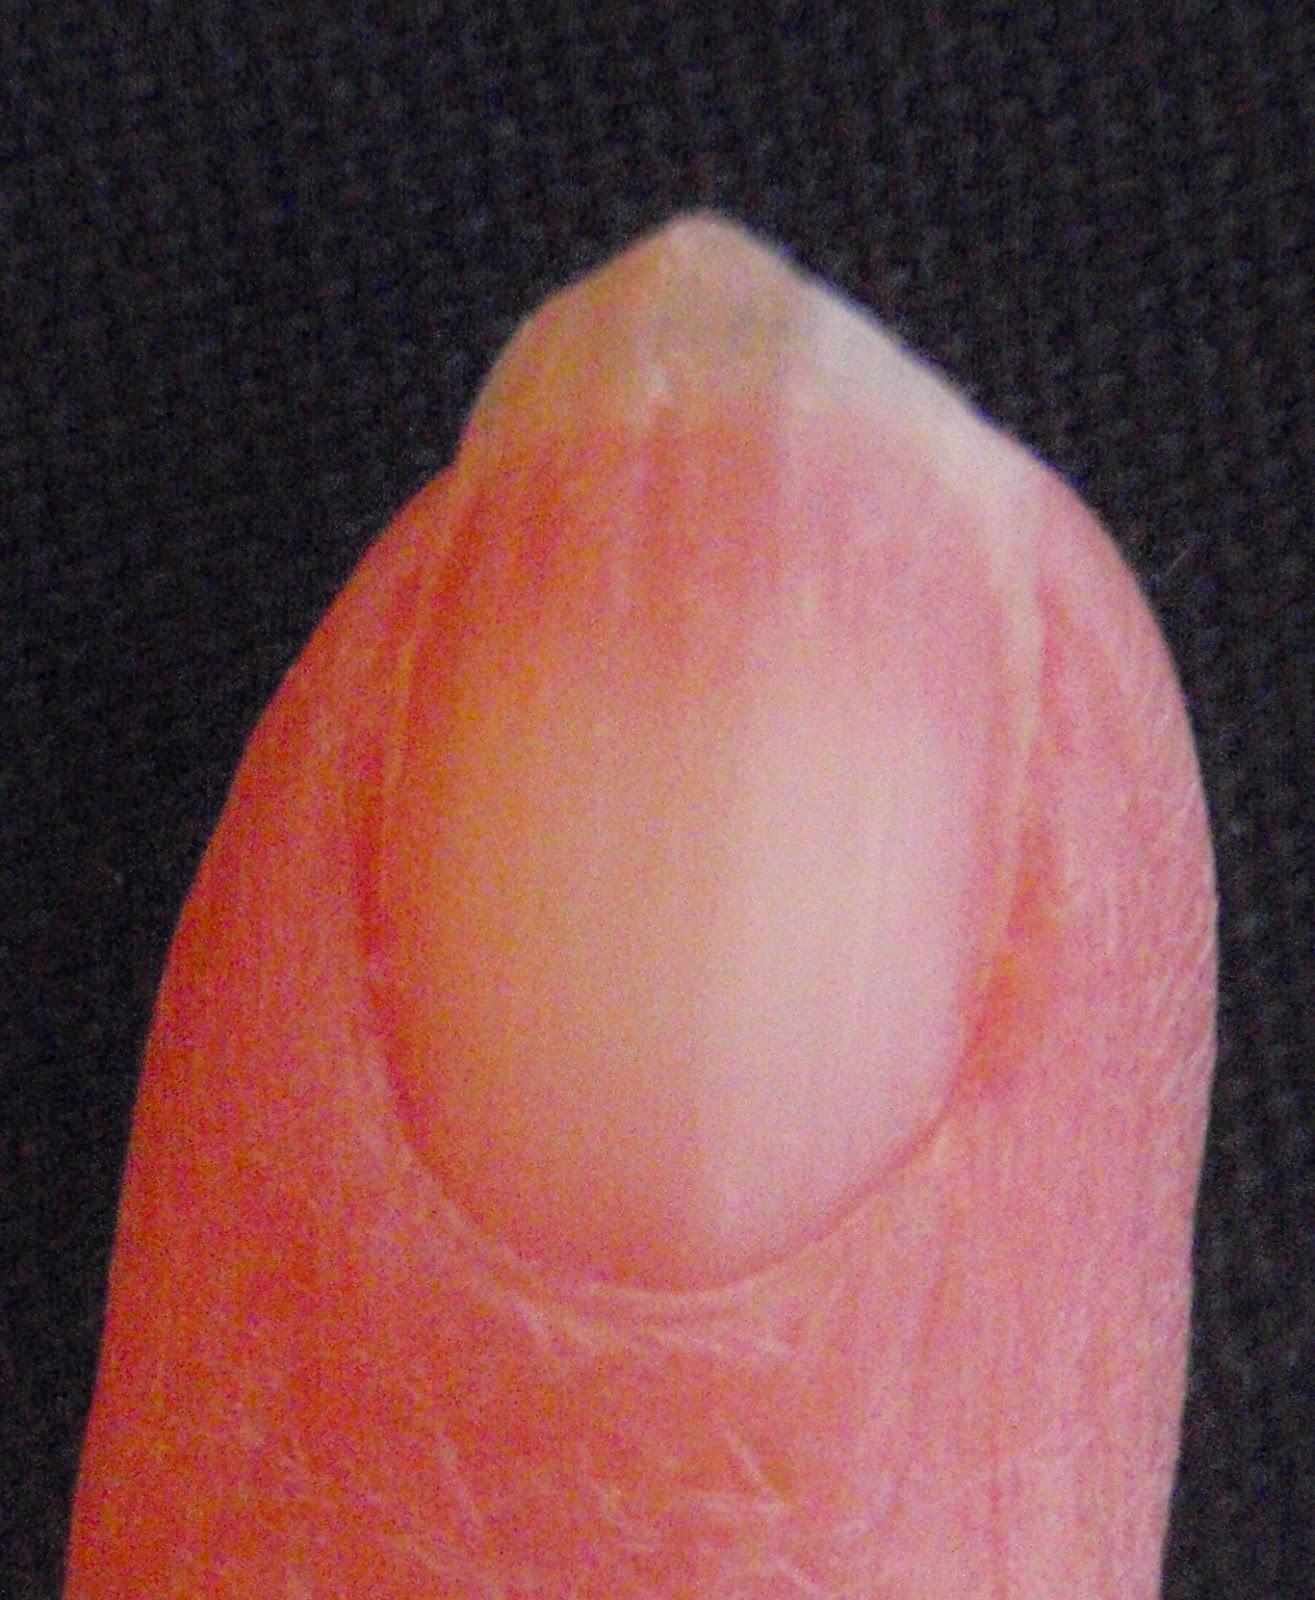 brittle broken nail